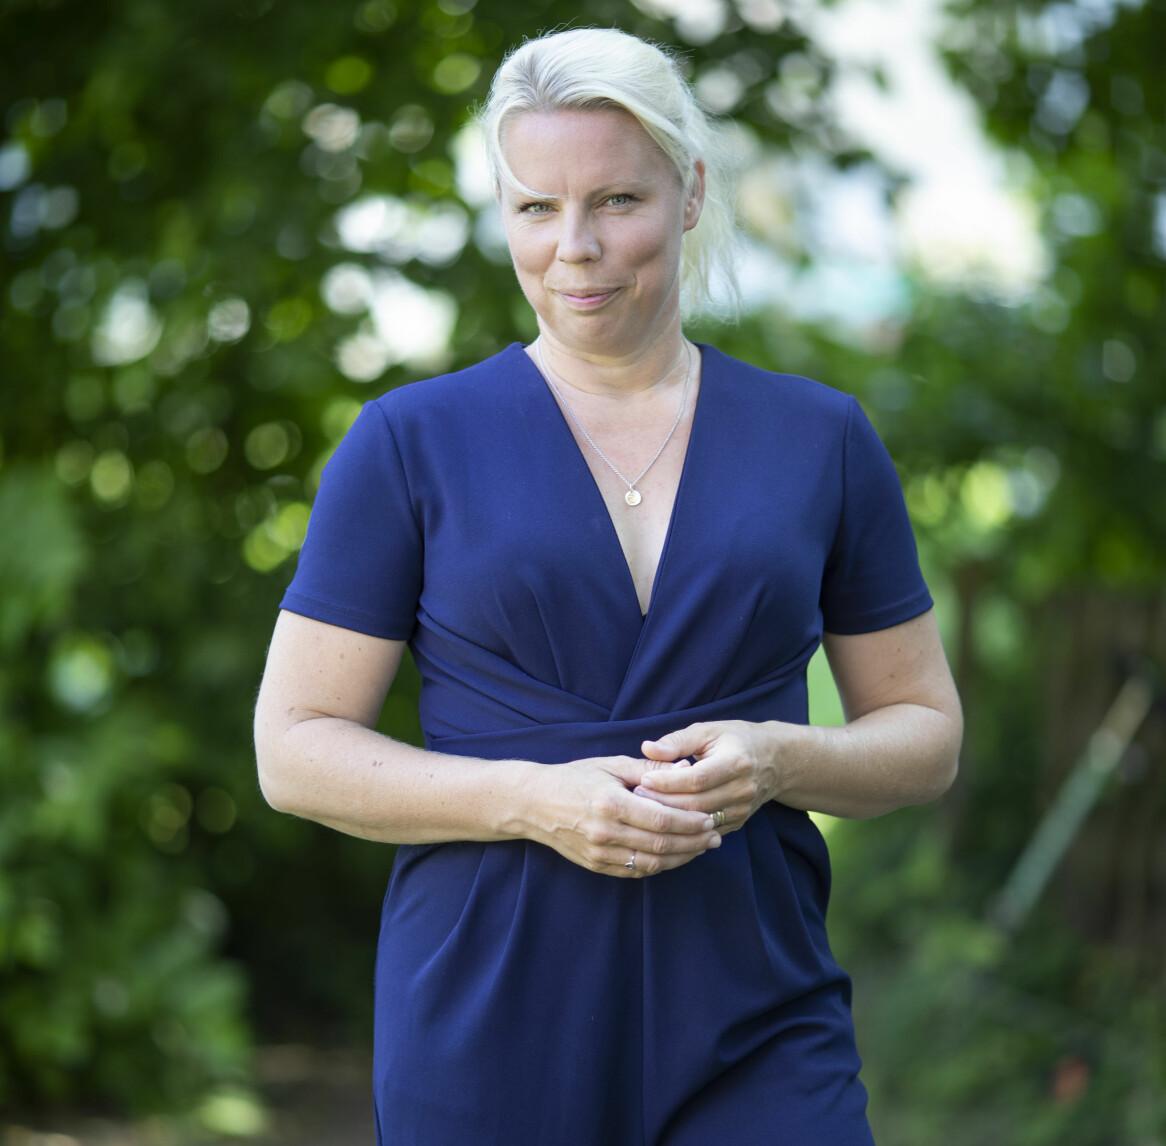 Caroline Engvall berättar om sina upplevelser kring pedofiler och darknet.